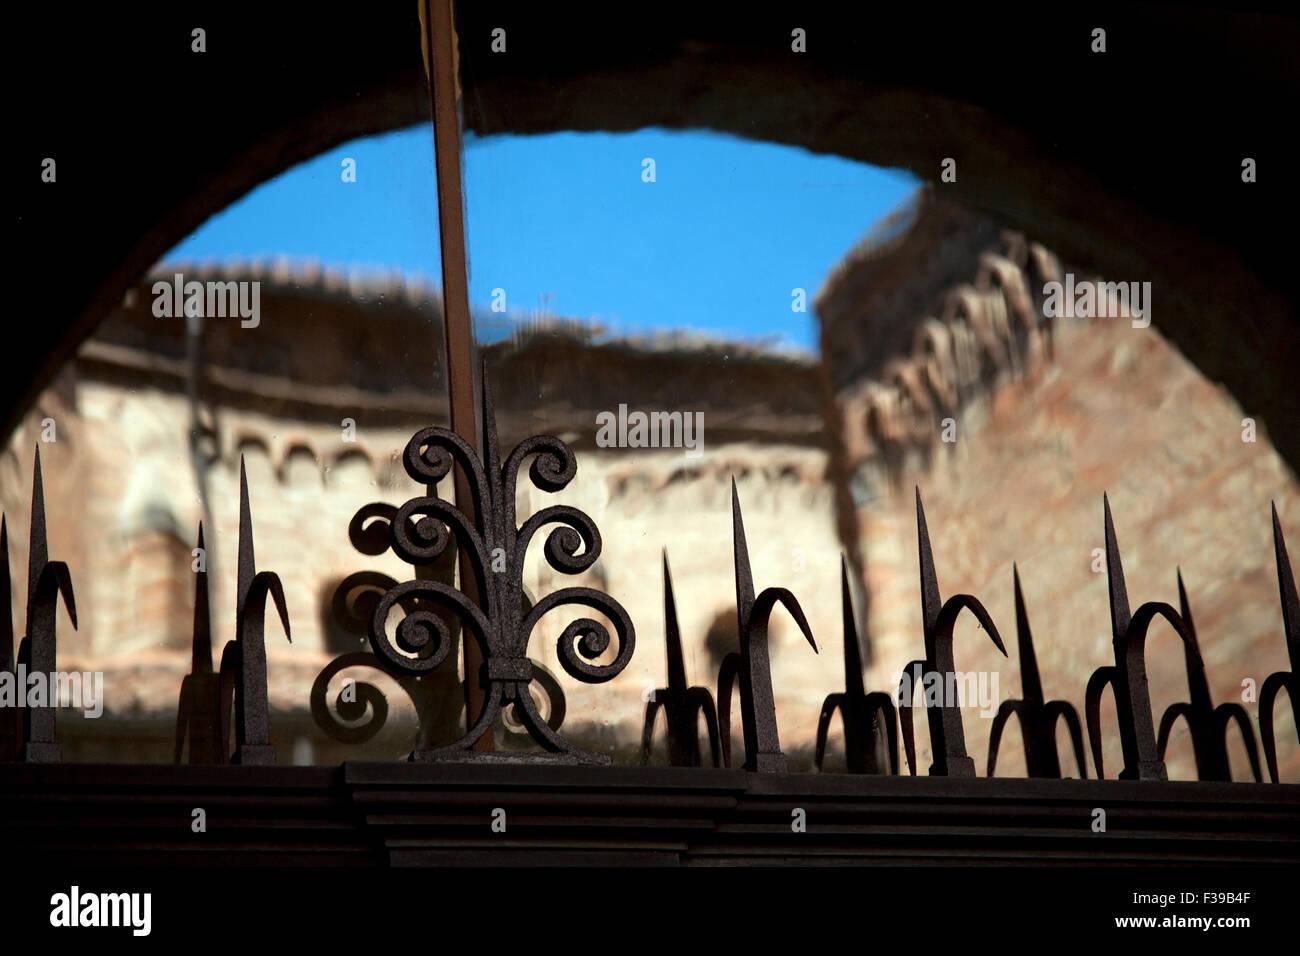 Le Sette Chiese - Sette Chiese - di Piazza Santo Stefano Bologna Italia Immagini Stock